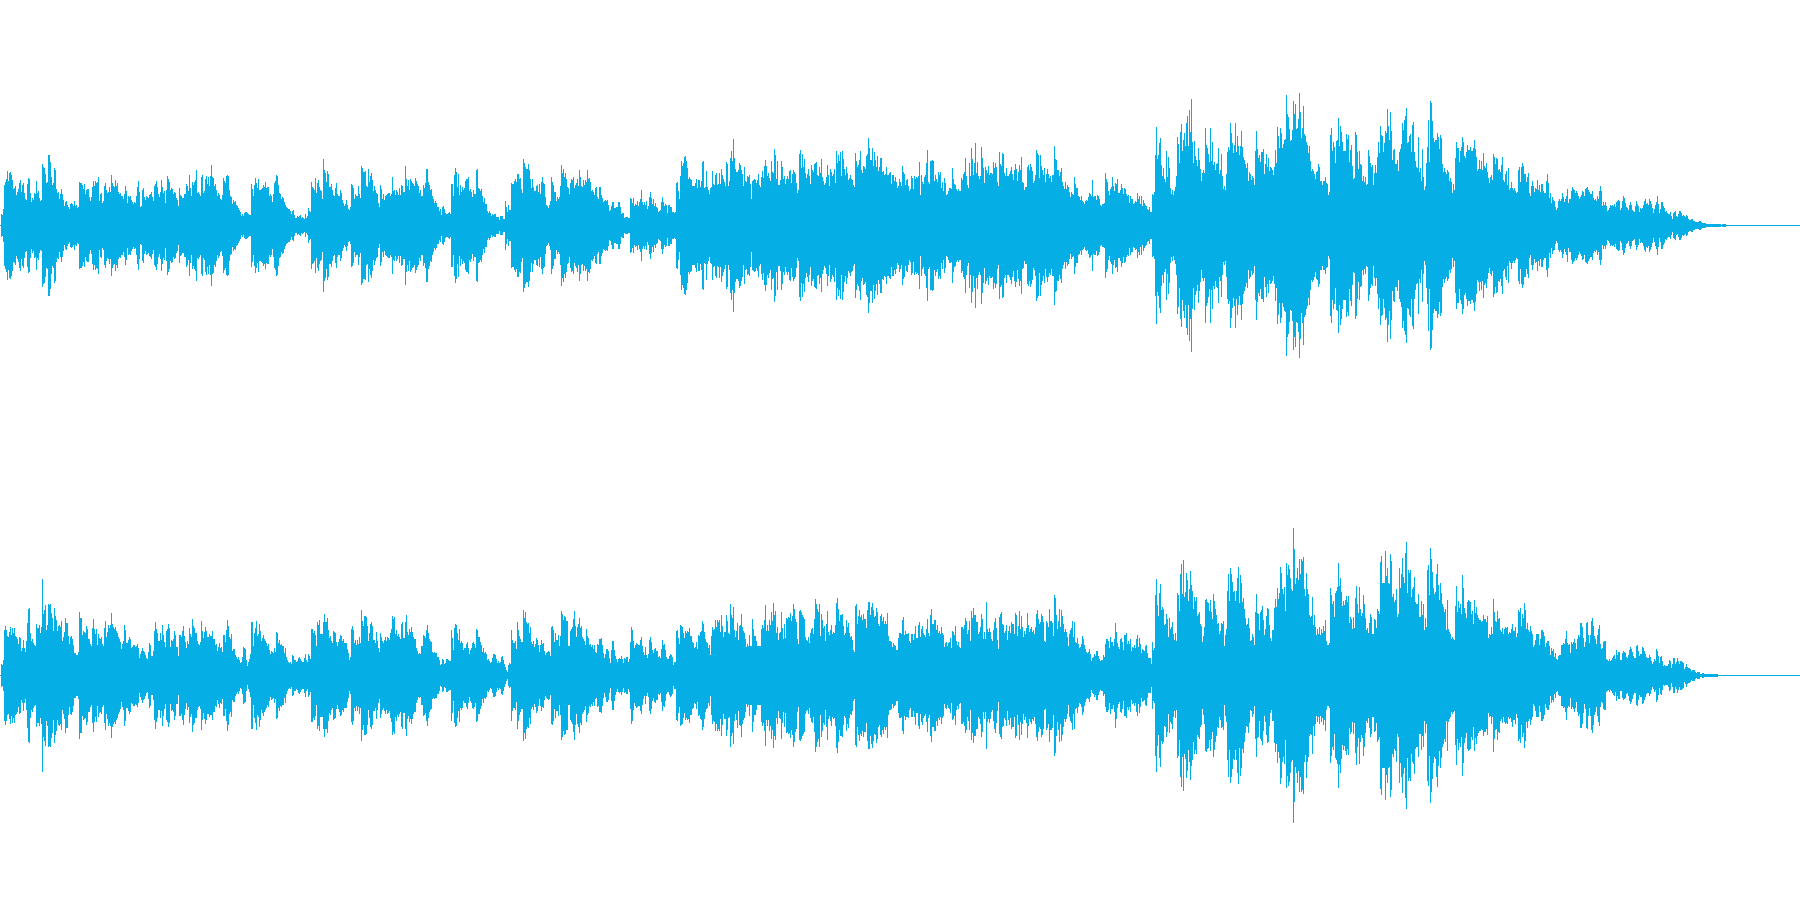 ラブ・バラード(ドリーミーな雰囲気)の再生済みの波形